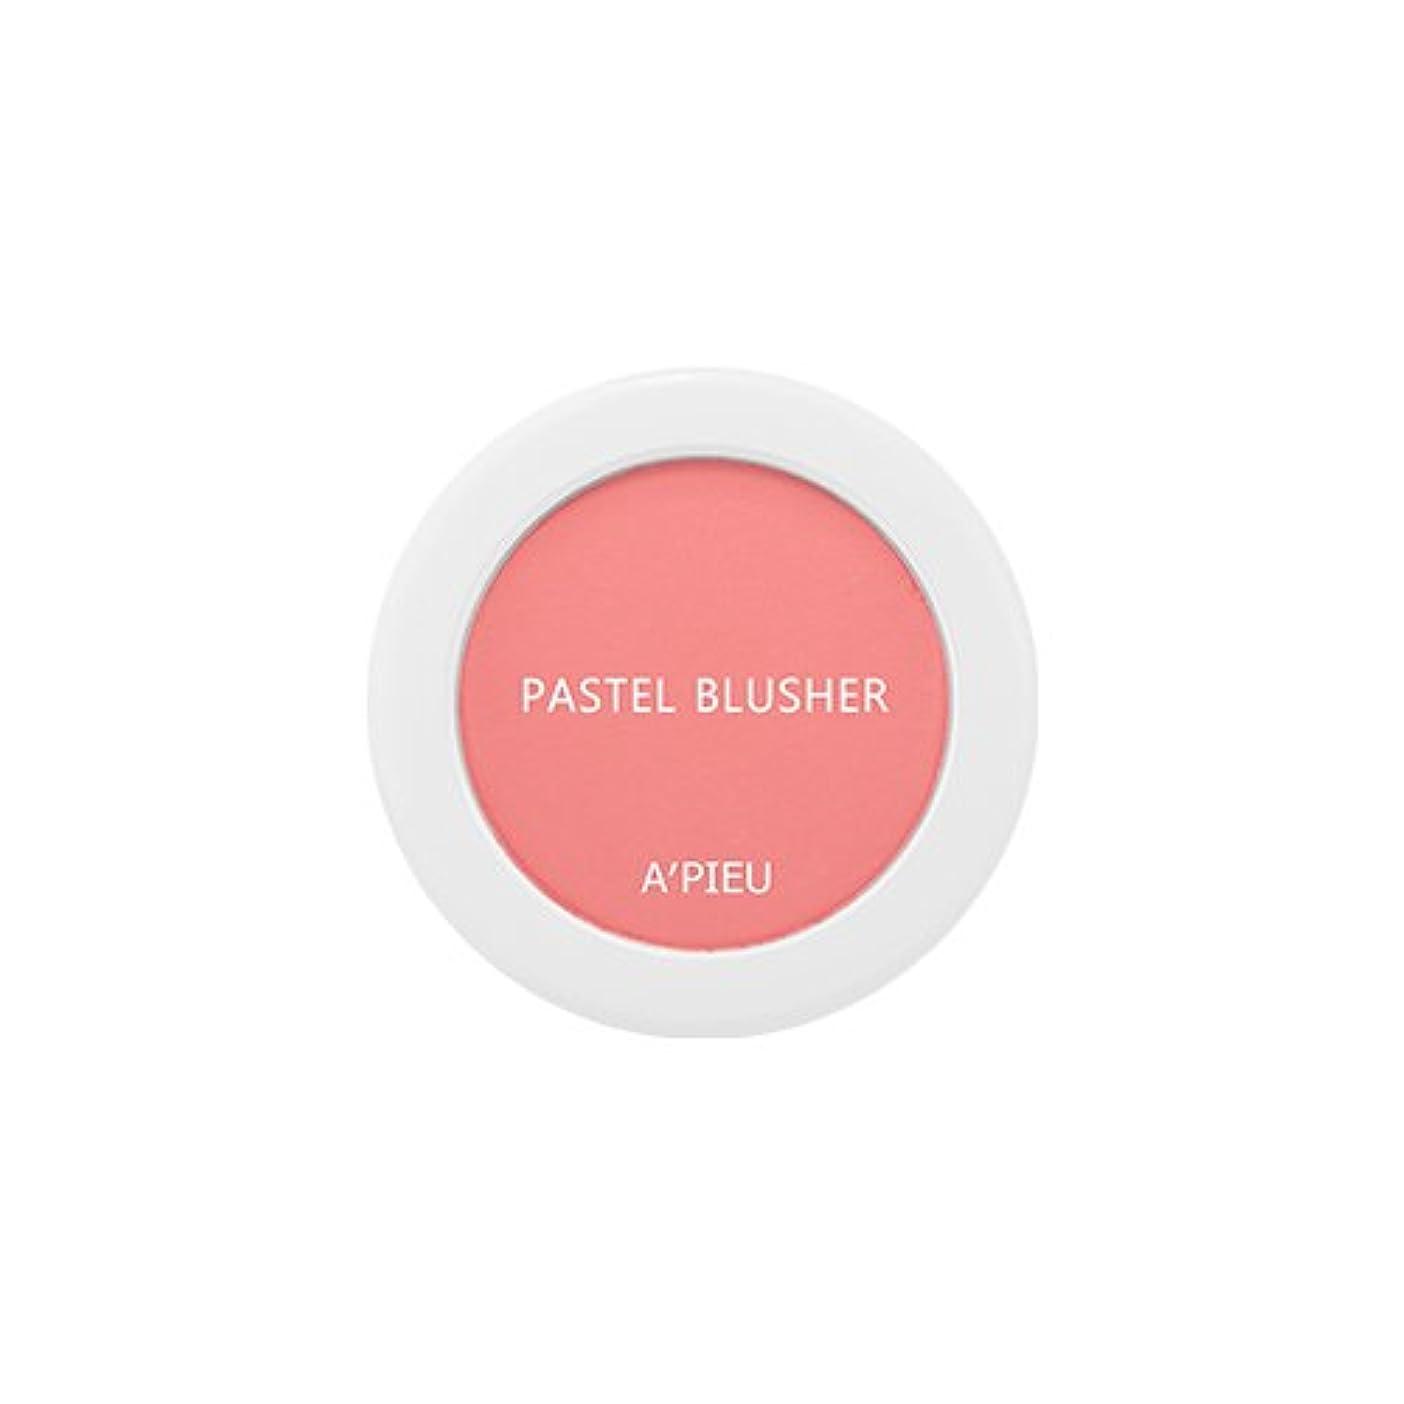 プログレッシブキロメートル実験室アピュ[APIEU] Pastel Blusher パステル ブラッシャー (CR01) [並行輸入品]